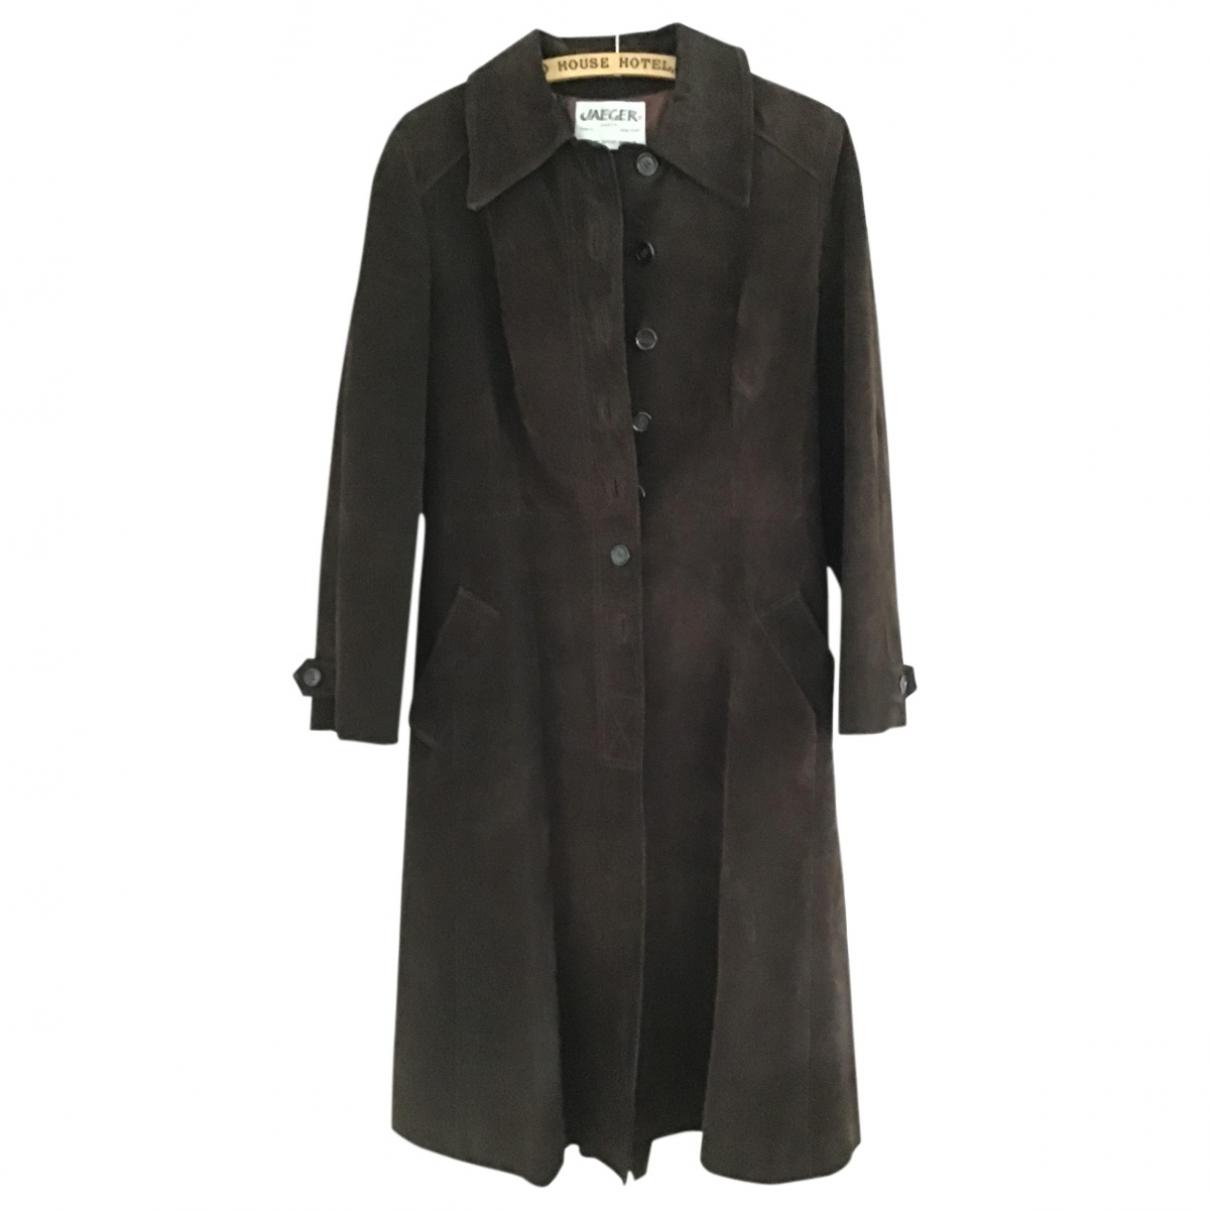 Jaeger London - Manteau   pour femme en suede - marron